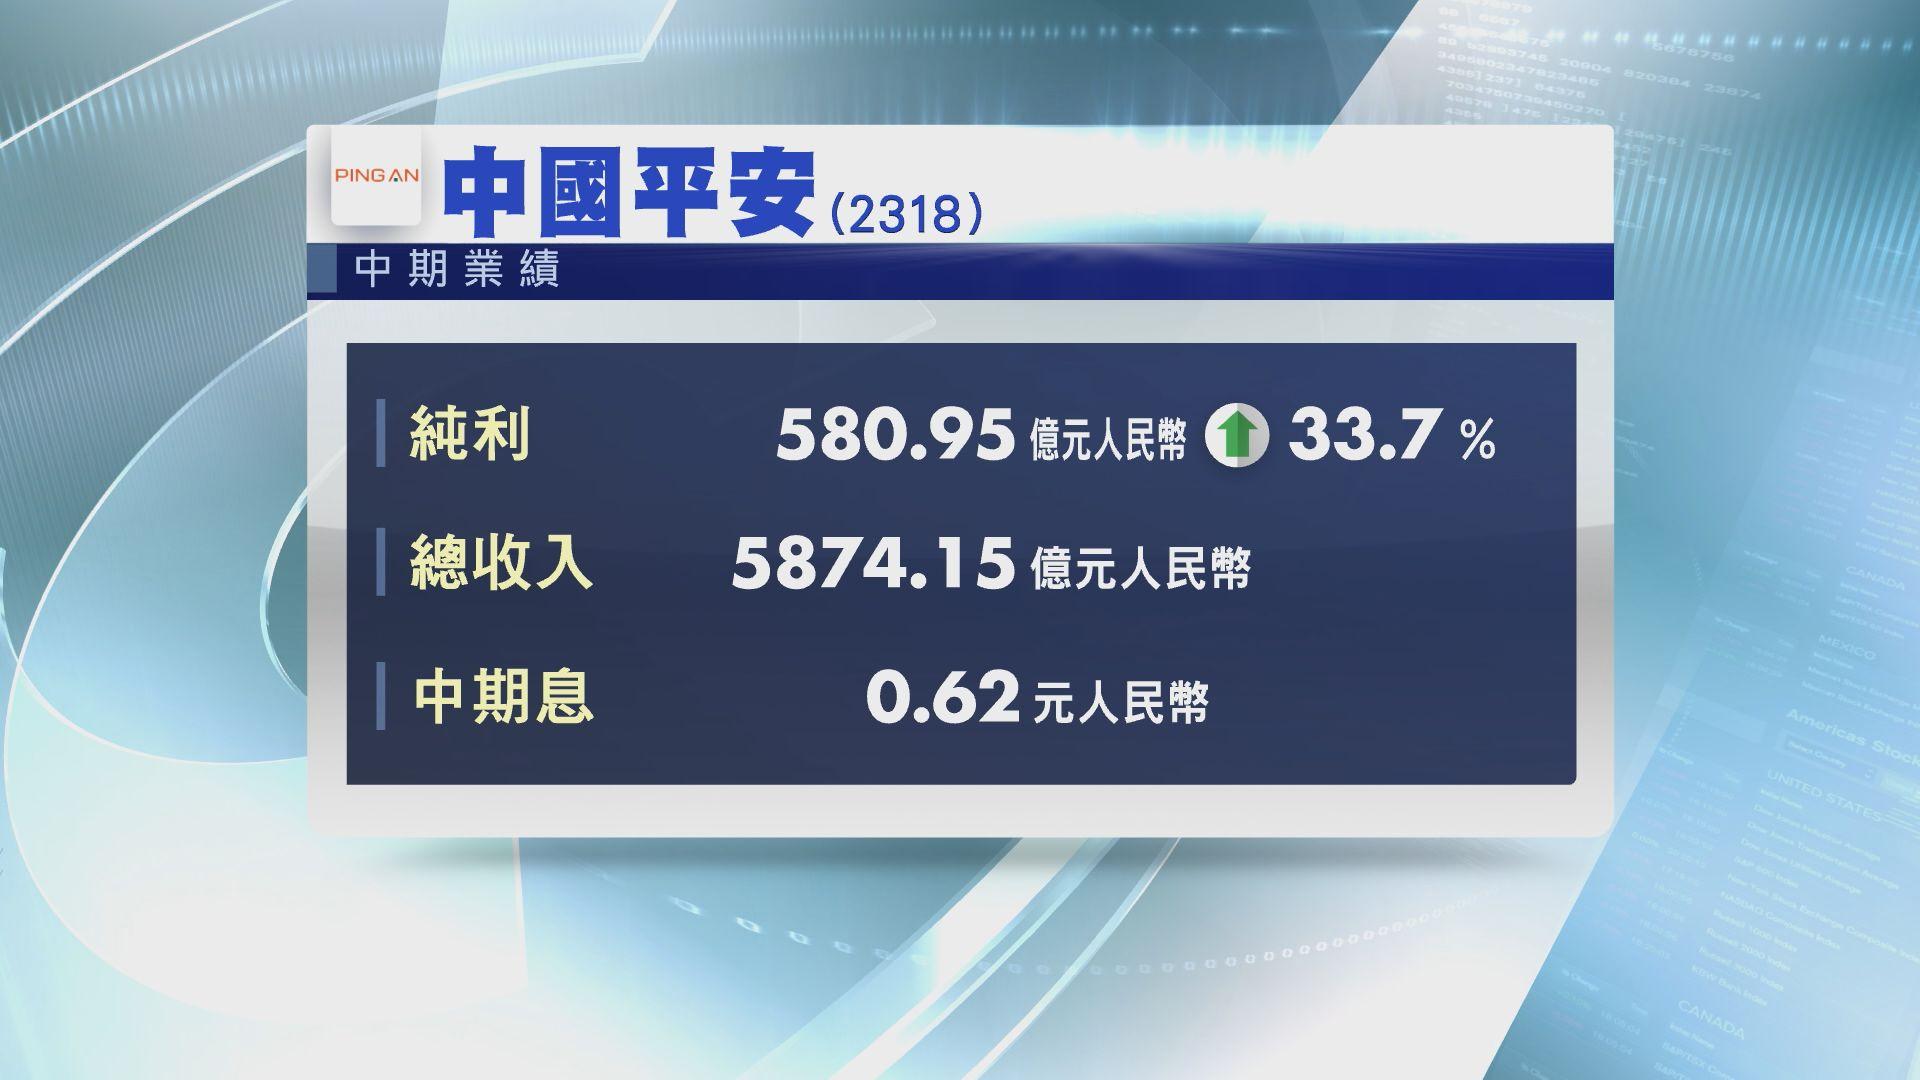 【業績速報】平保中期息0.62元人幣 增24%